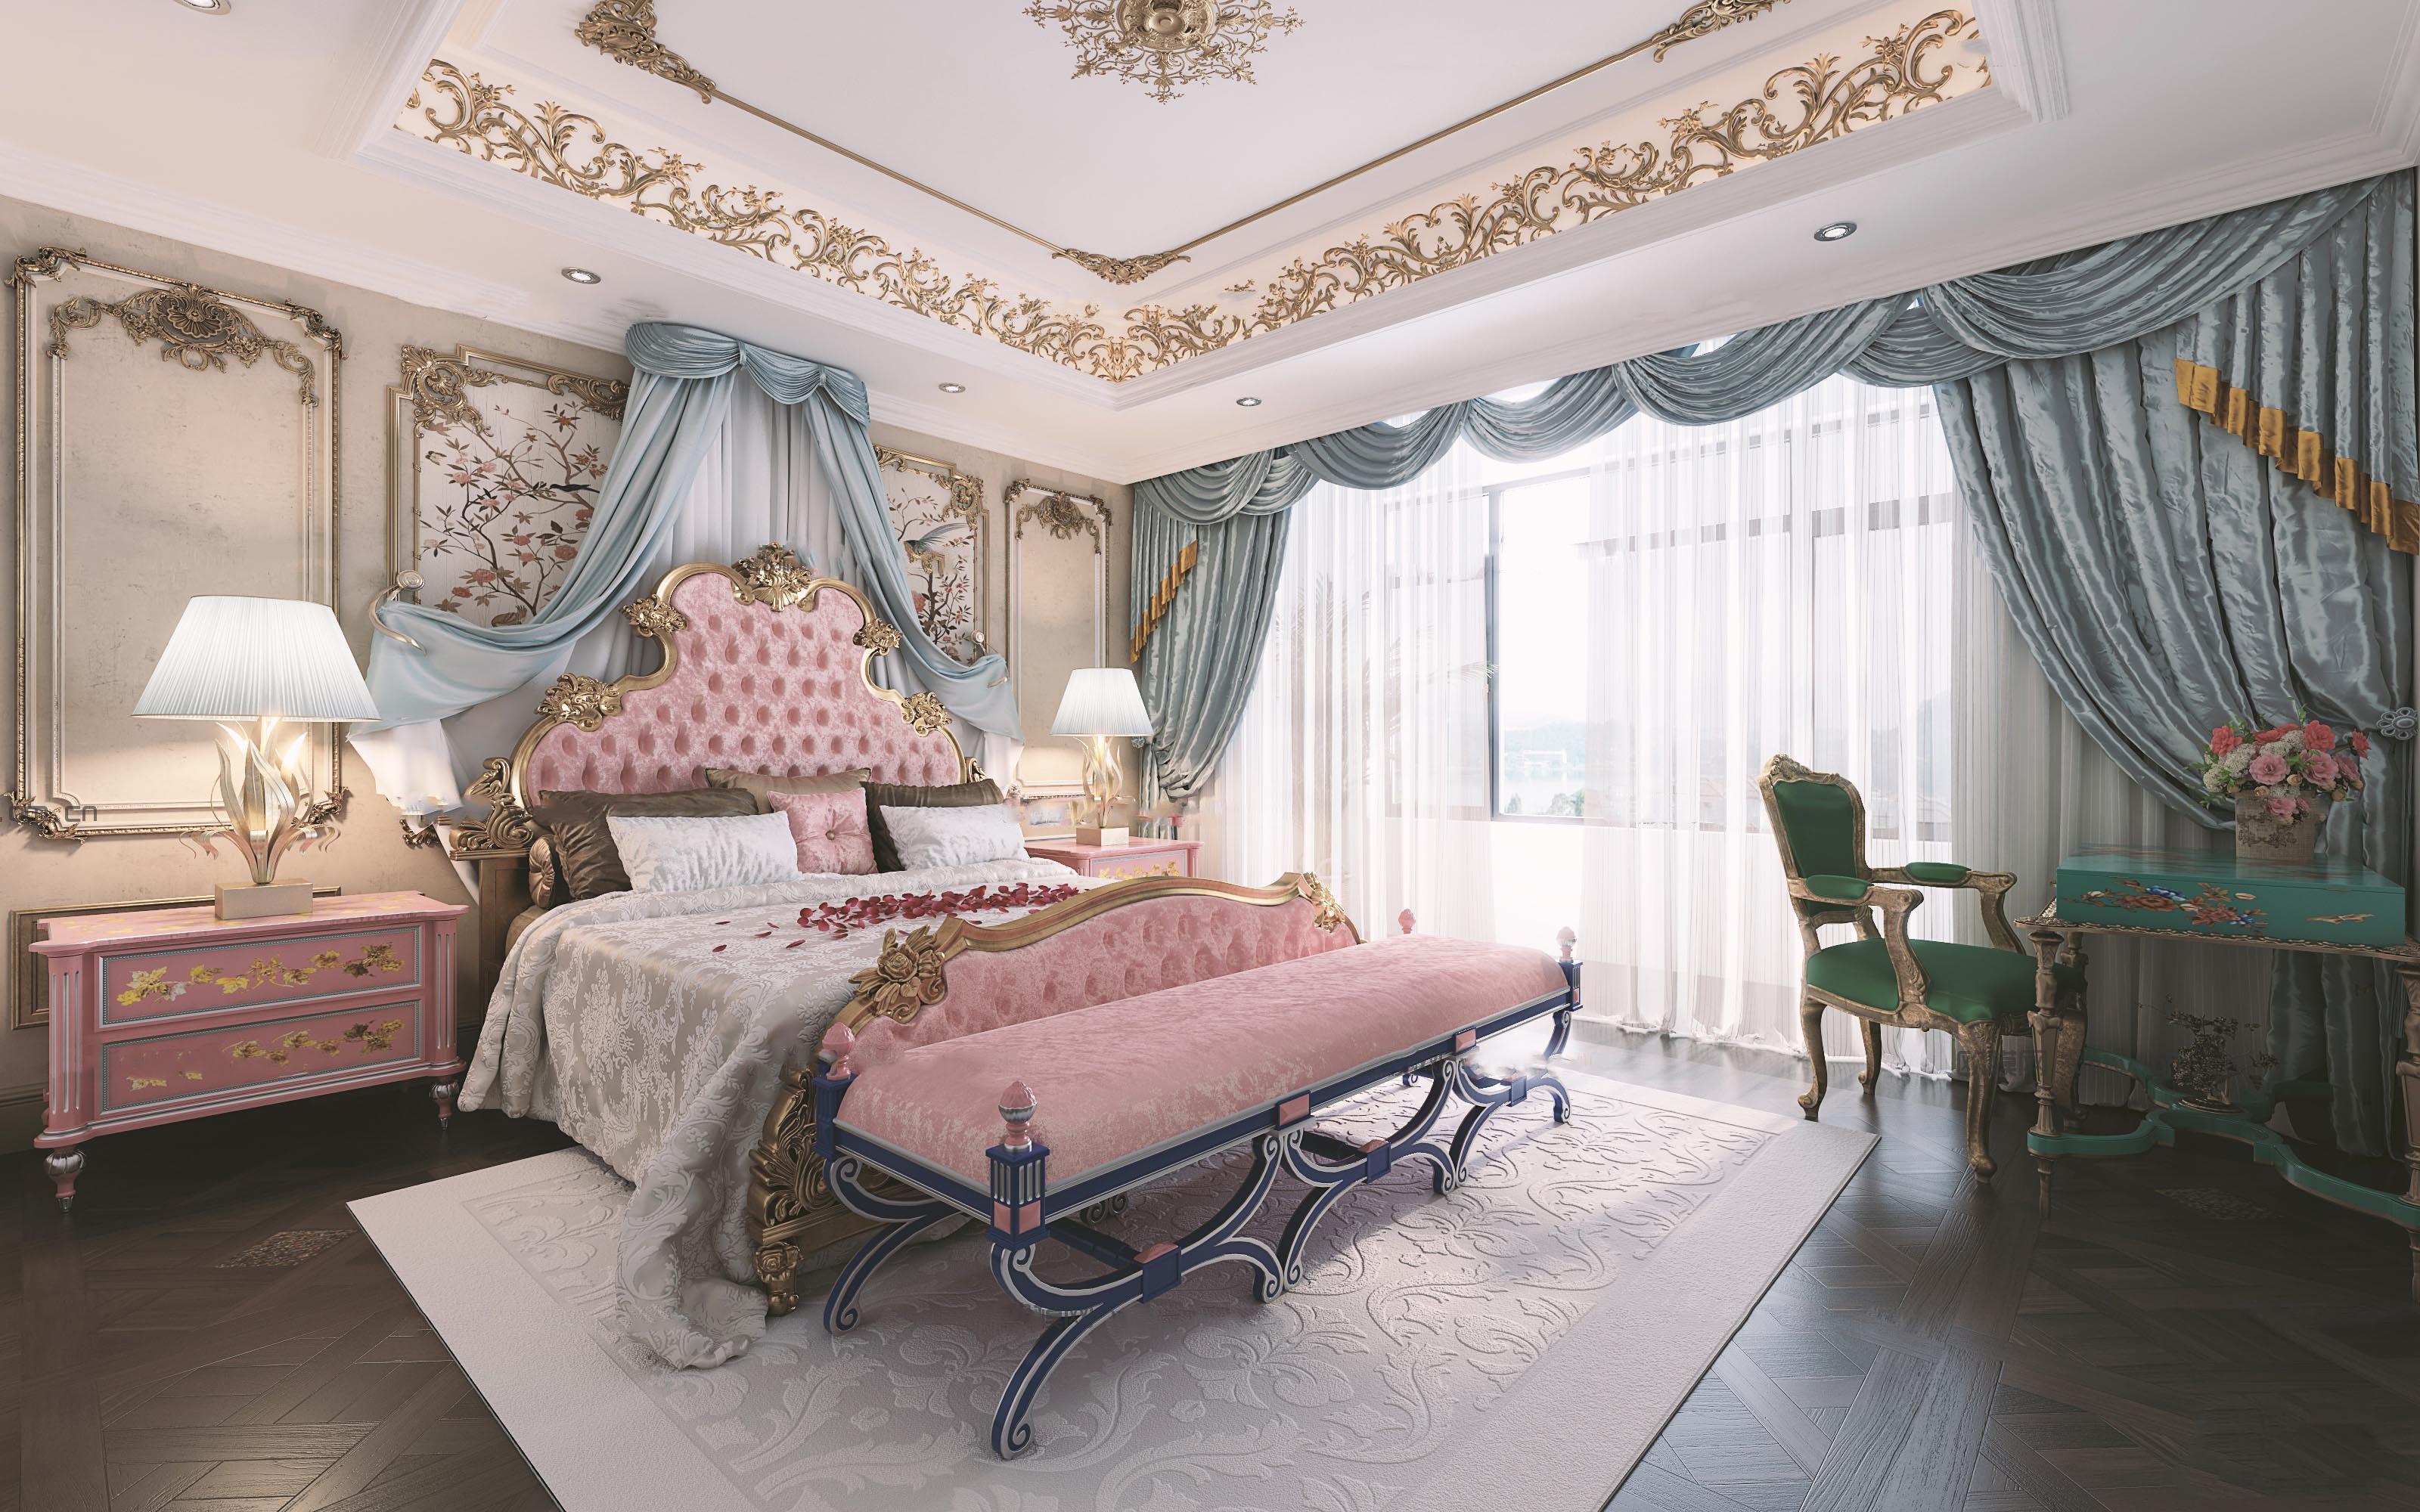 欧式古典女儿房卧室 床尾凳 吊灯 台灯 床头柜 梳妆台